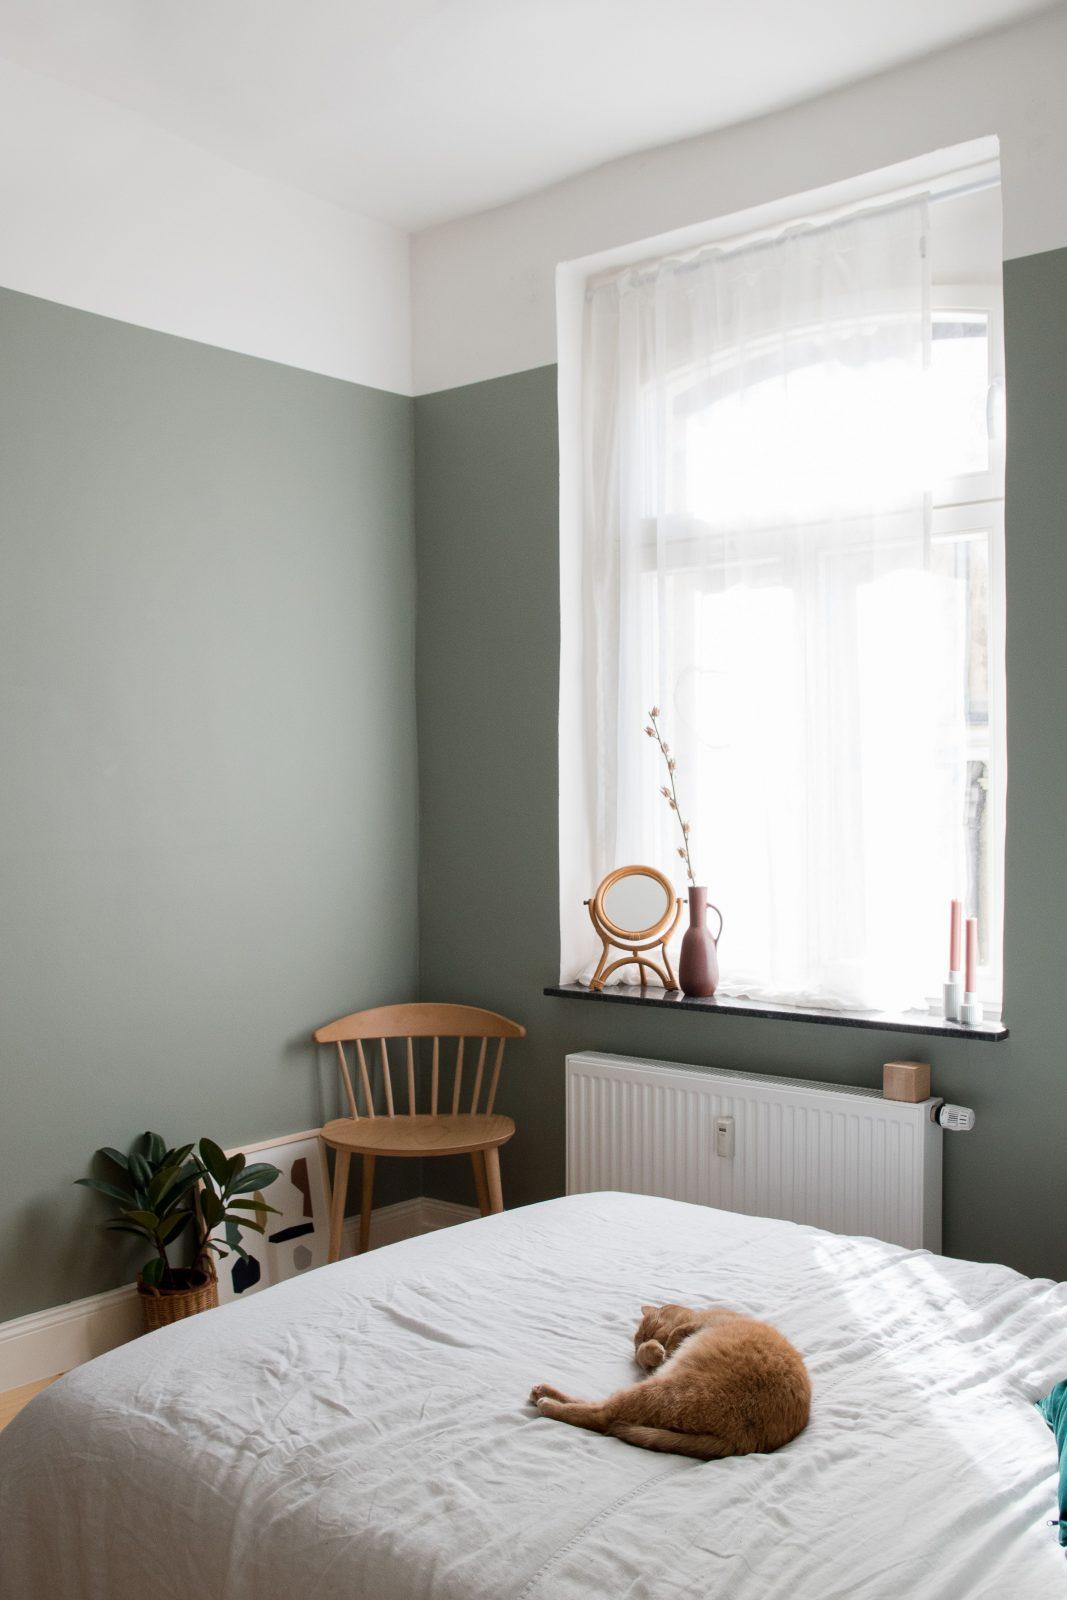 Das Ist Die Perfekte Wandfarbe Für Das Schlafzimmer + von Wandfarben Ideen Schlafzimmer Photo